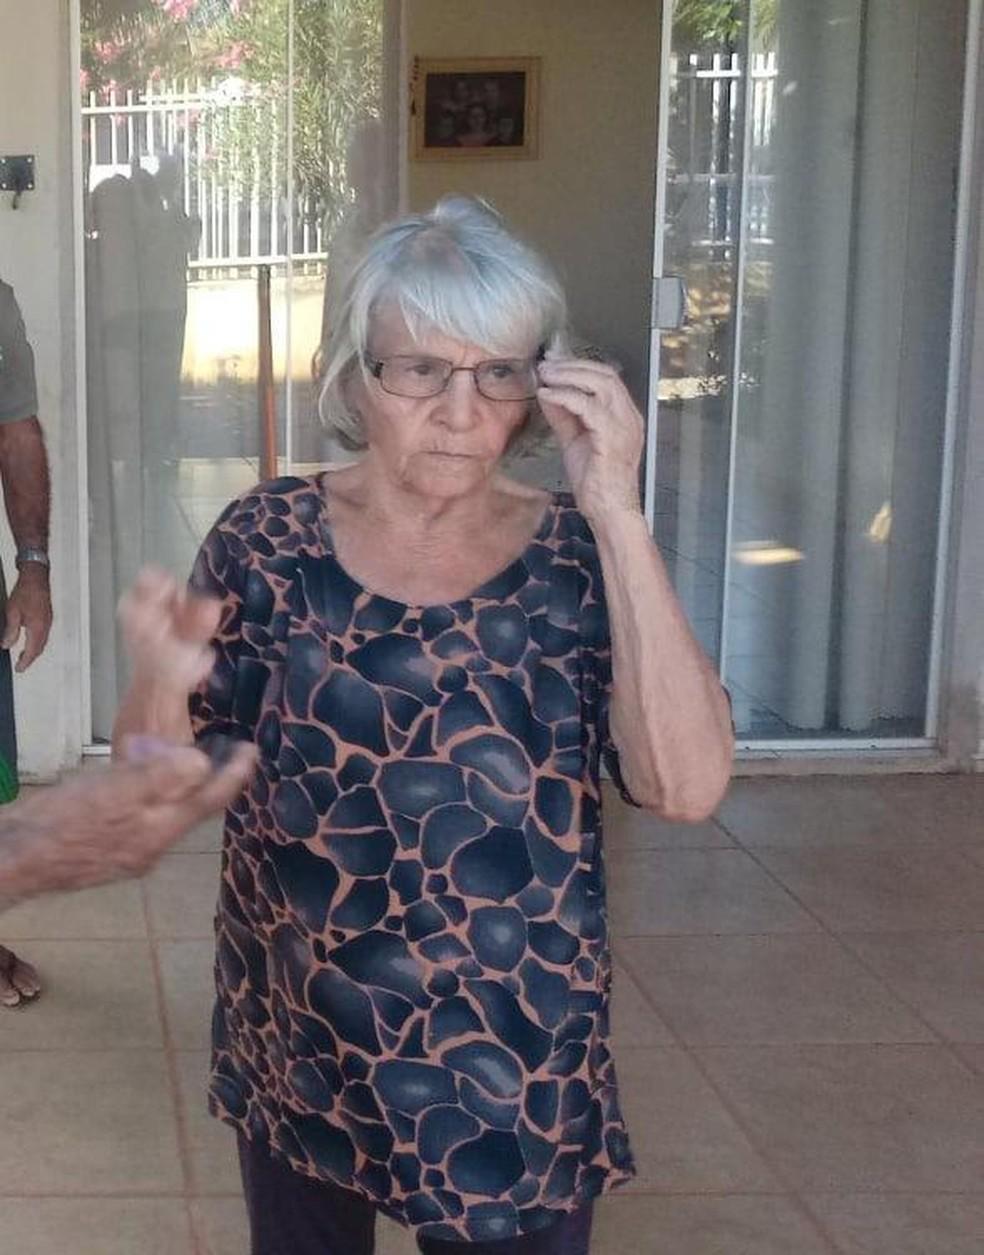 Salvina dos Santos Vidal, de 74 anos, foi morta em Lucas do Rio Verde — Foto: Arquivo pessoal